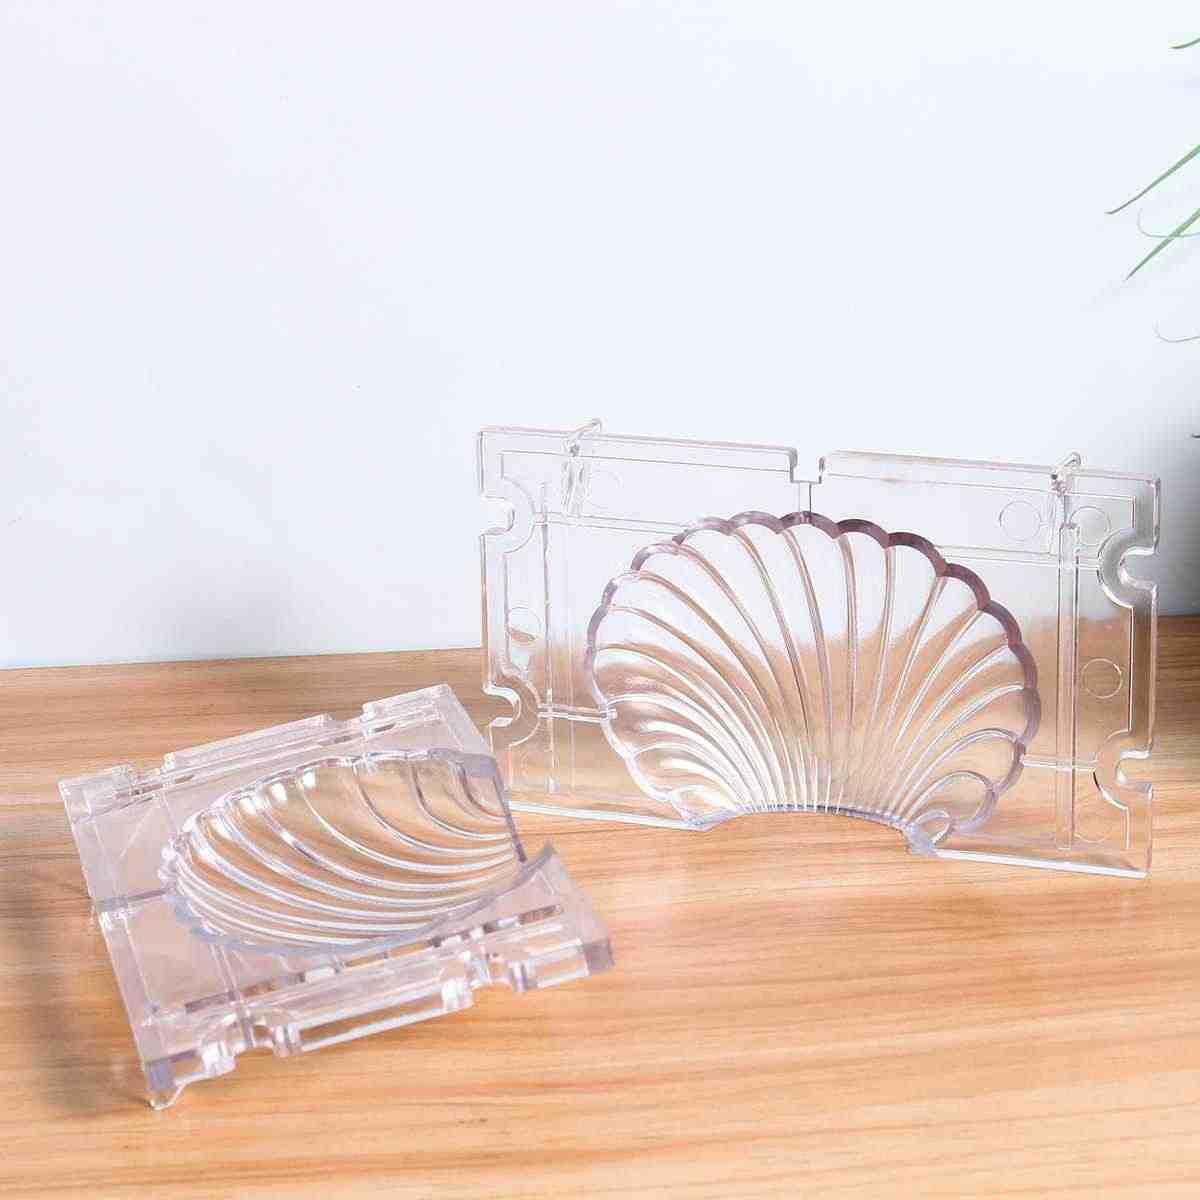 ברור אקריליק נר עובש נר ביצוע תבניות נרות סבון DIY נר מלאכת כלים חימר תבניות קרפט כלים כדור צורת פירמידה